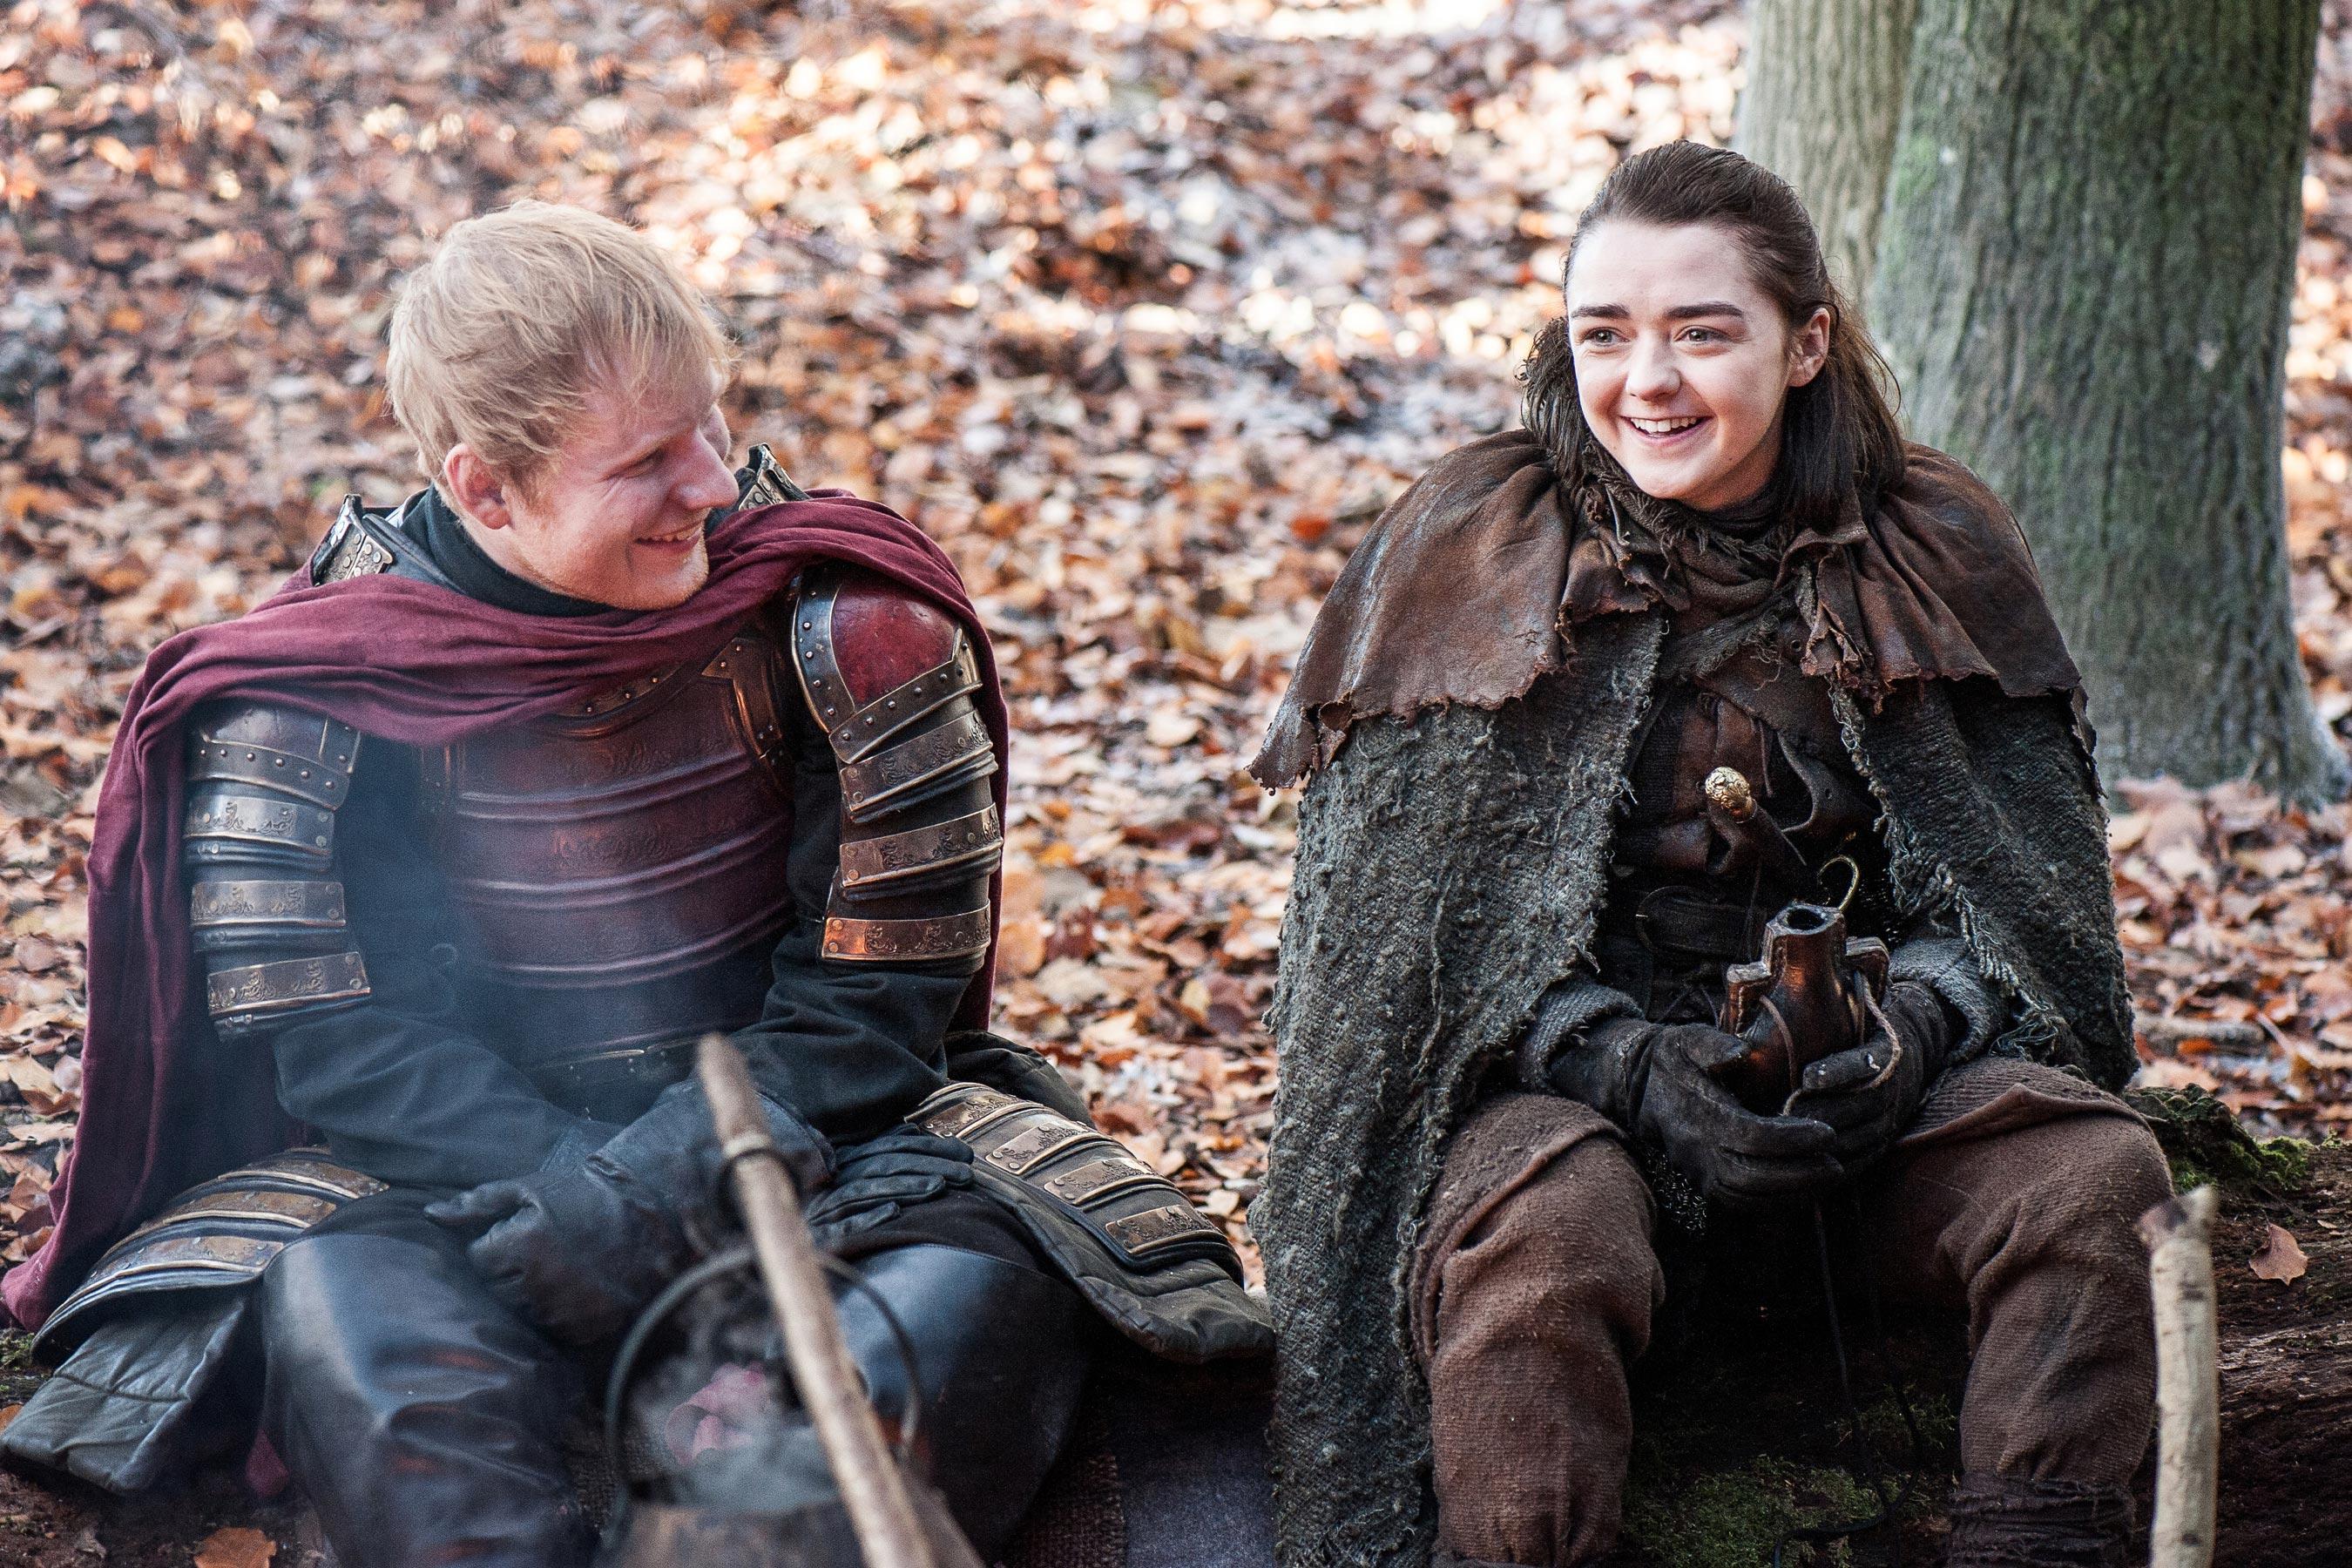 Певец Эд Ширан появился в первом эпизоде седьмого сезона сериала «Игра престолов» — ФОТО